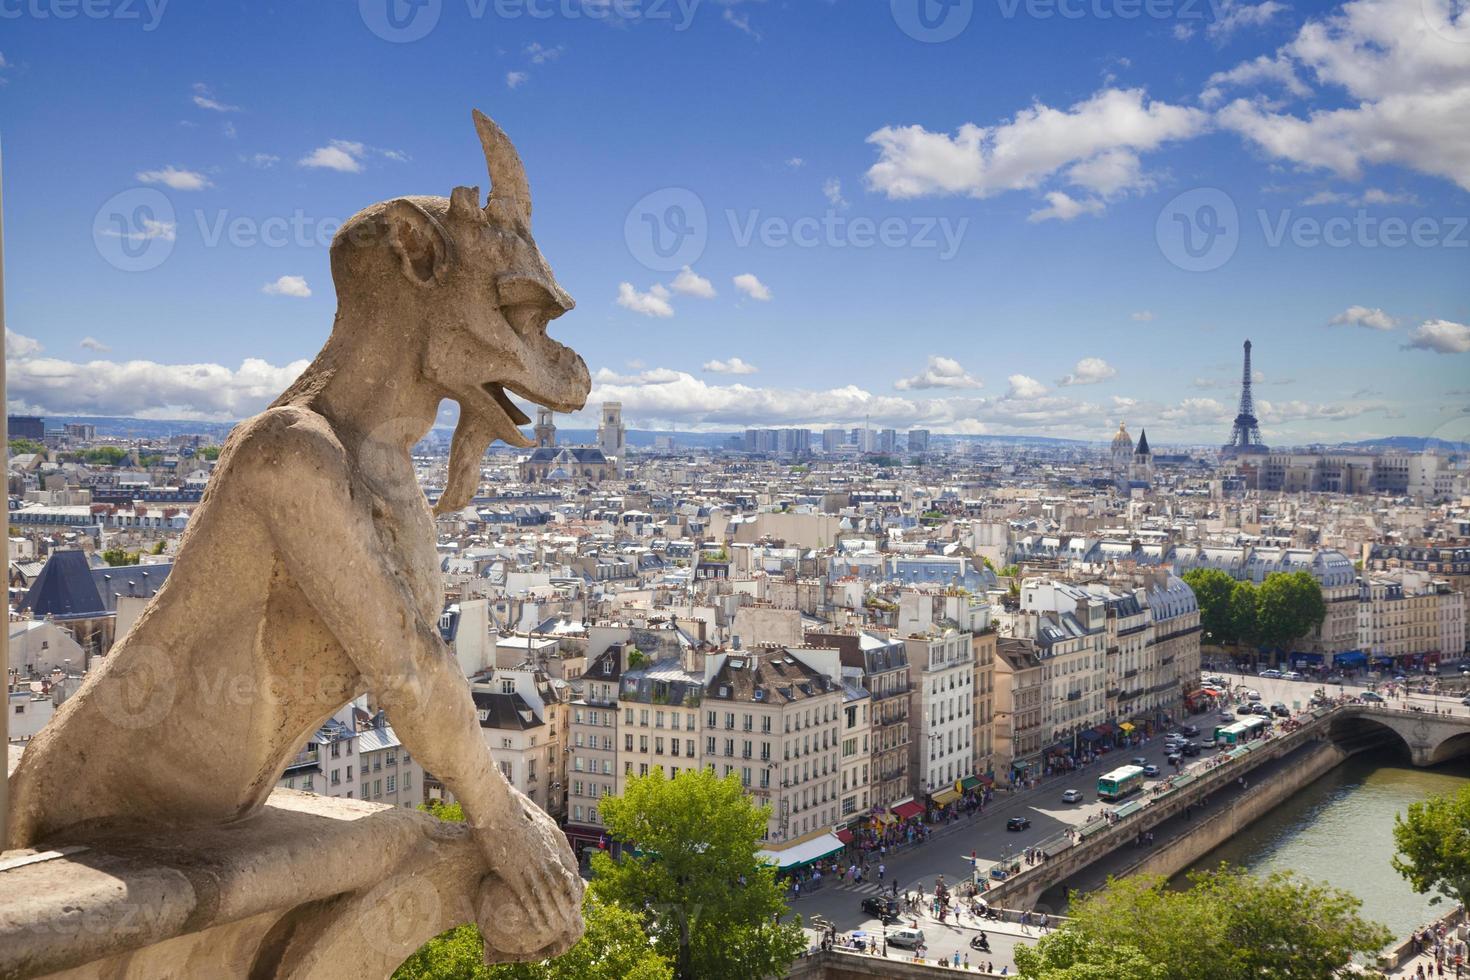 notre dame: Chimäre (Dämon) mit Blick auf die Skyline von Paris an einem Sommertag foto